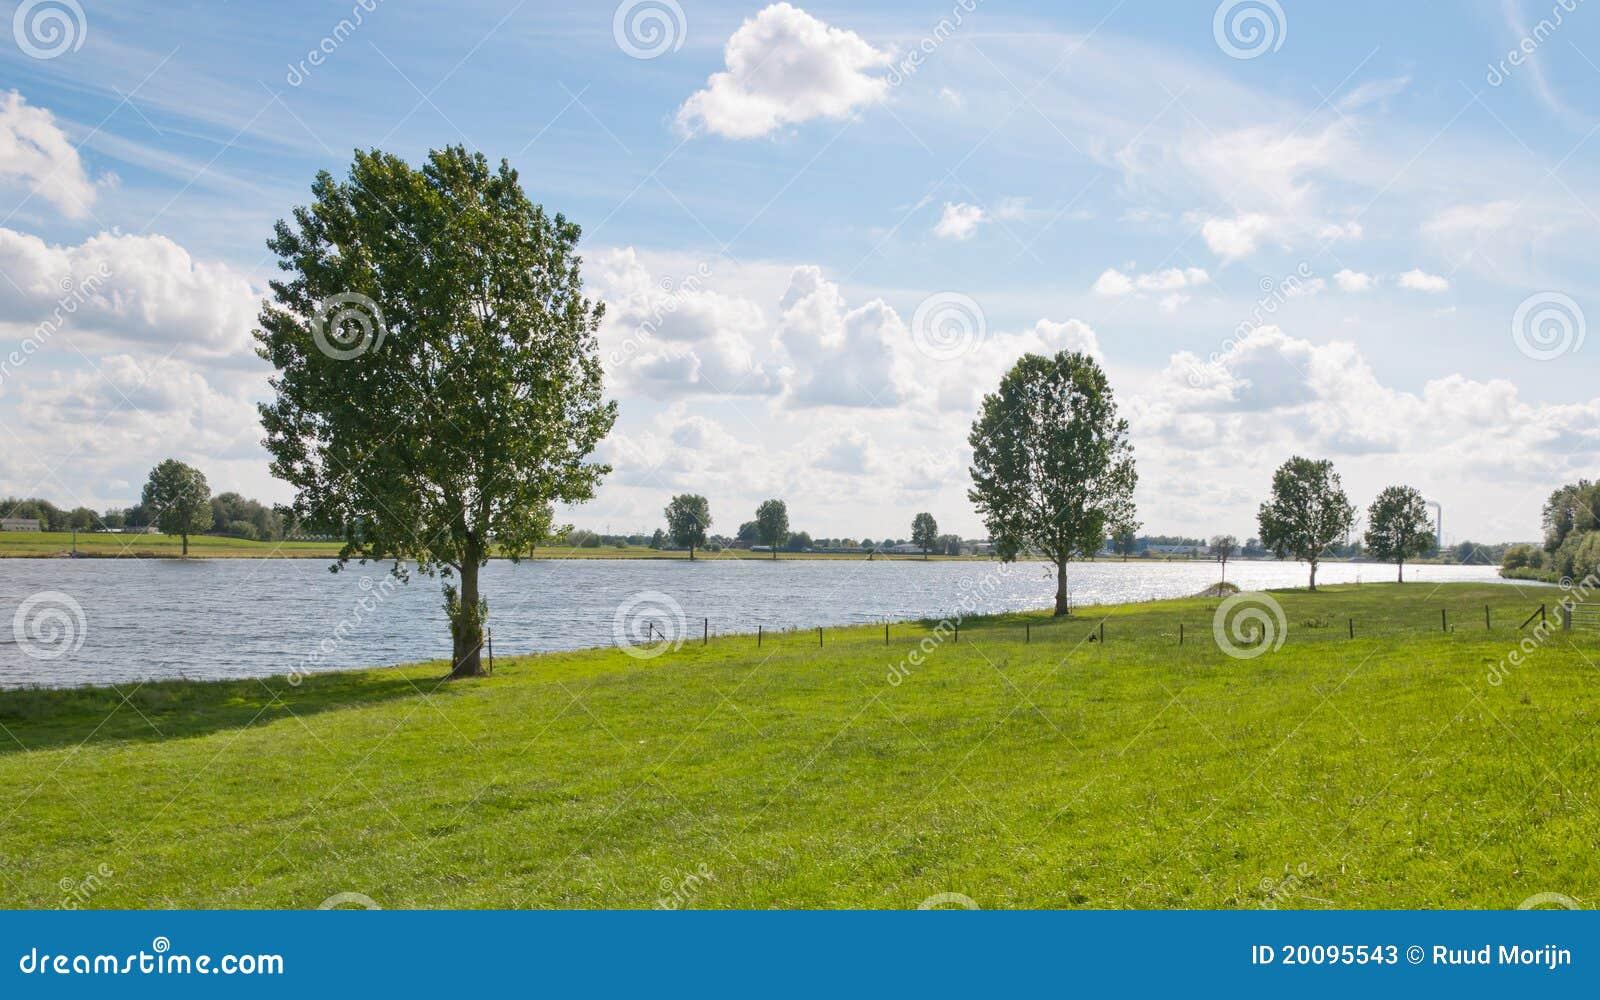 A lo largo de la orilla en los Países Bajos